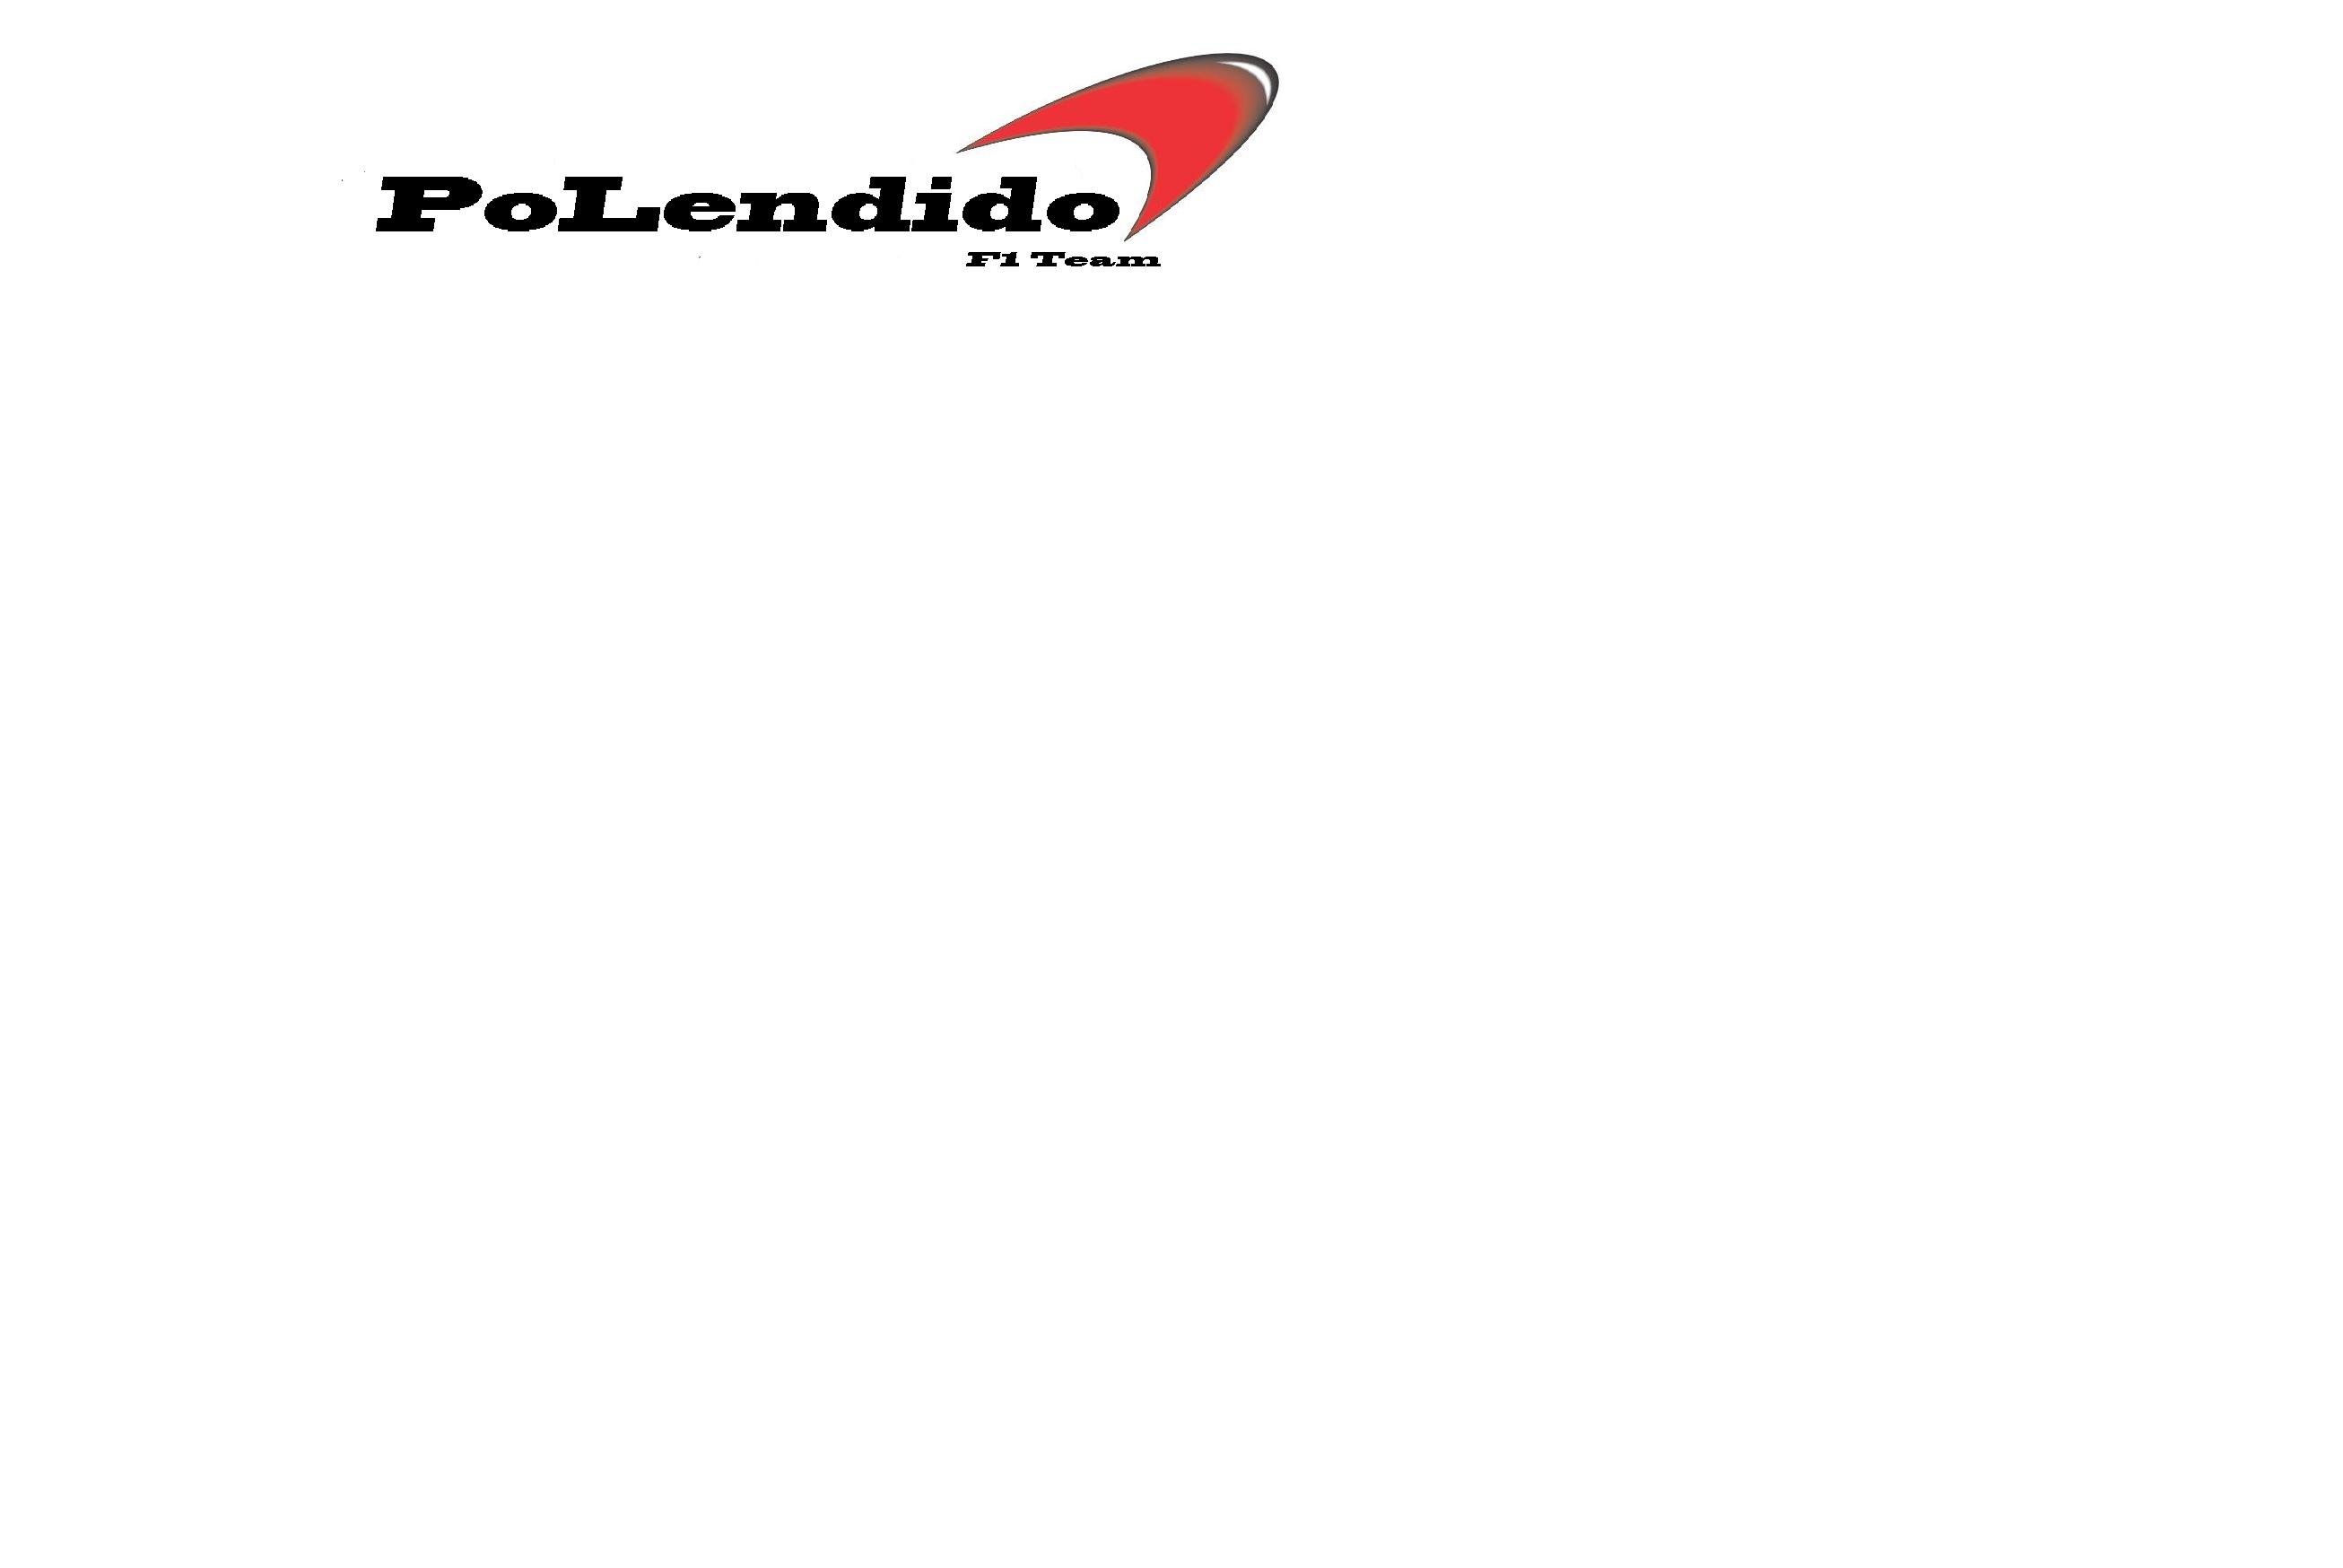 Formación Equipos y Monoplazas [F5]  - Página 3 Polend23